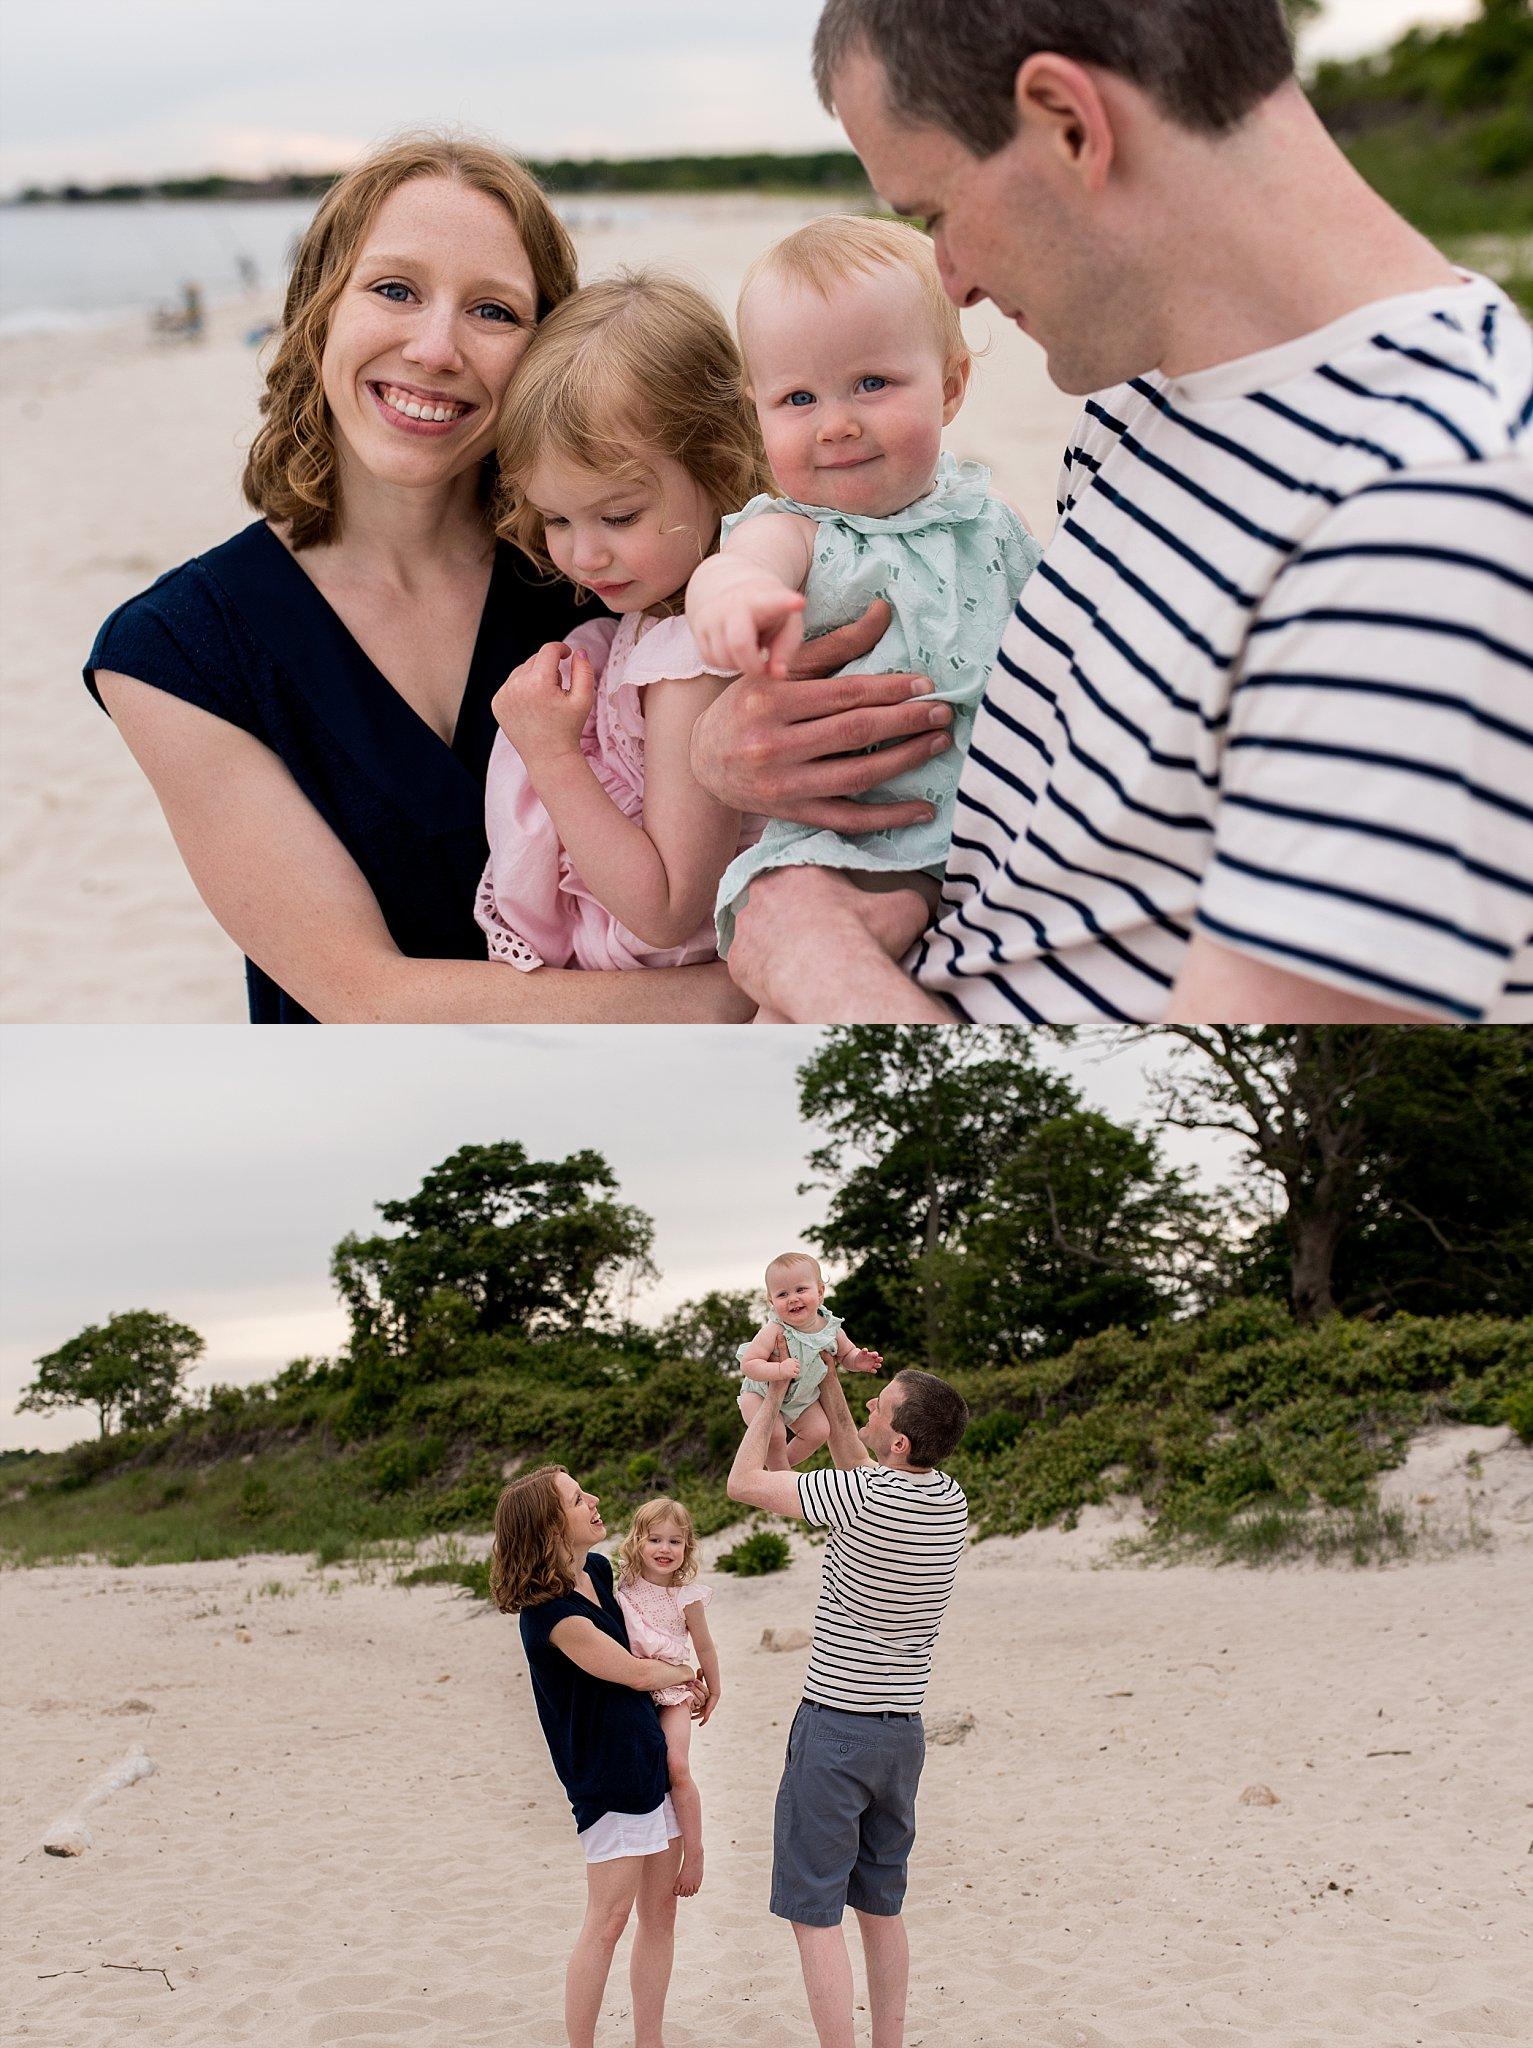 connecticut beach photographer. ct family photography on the beach